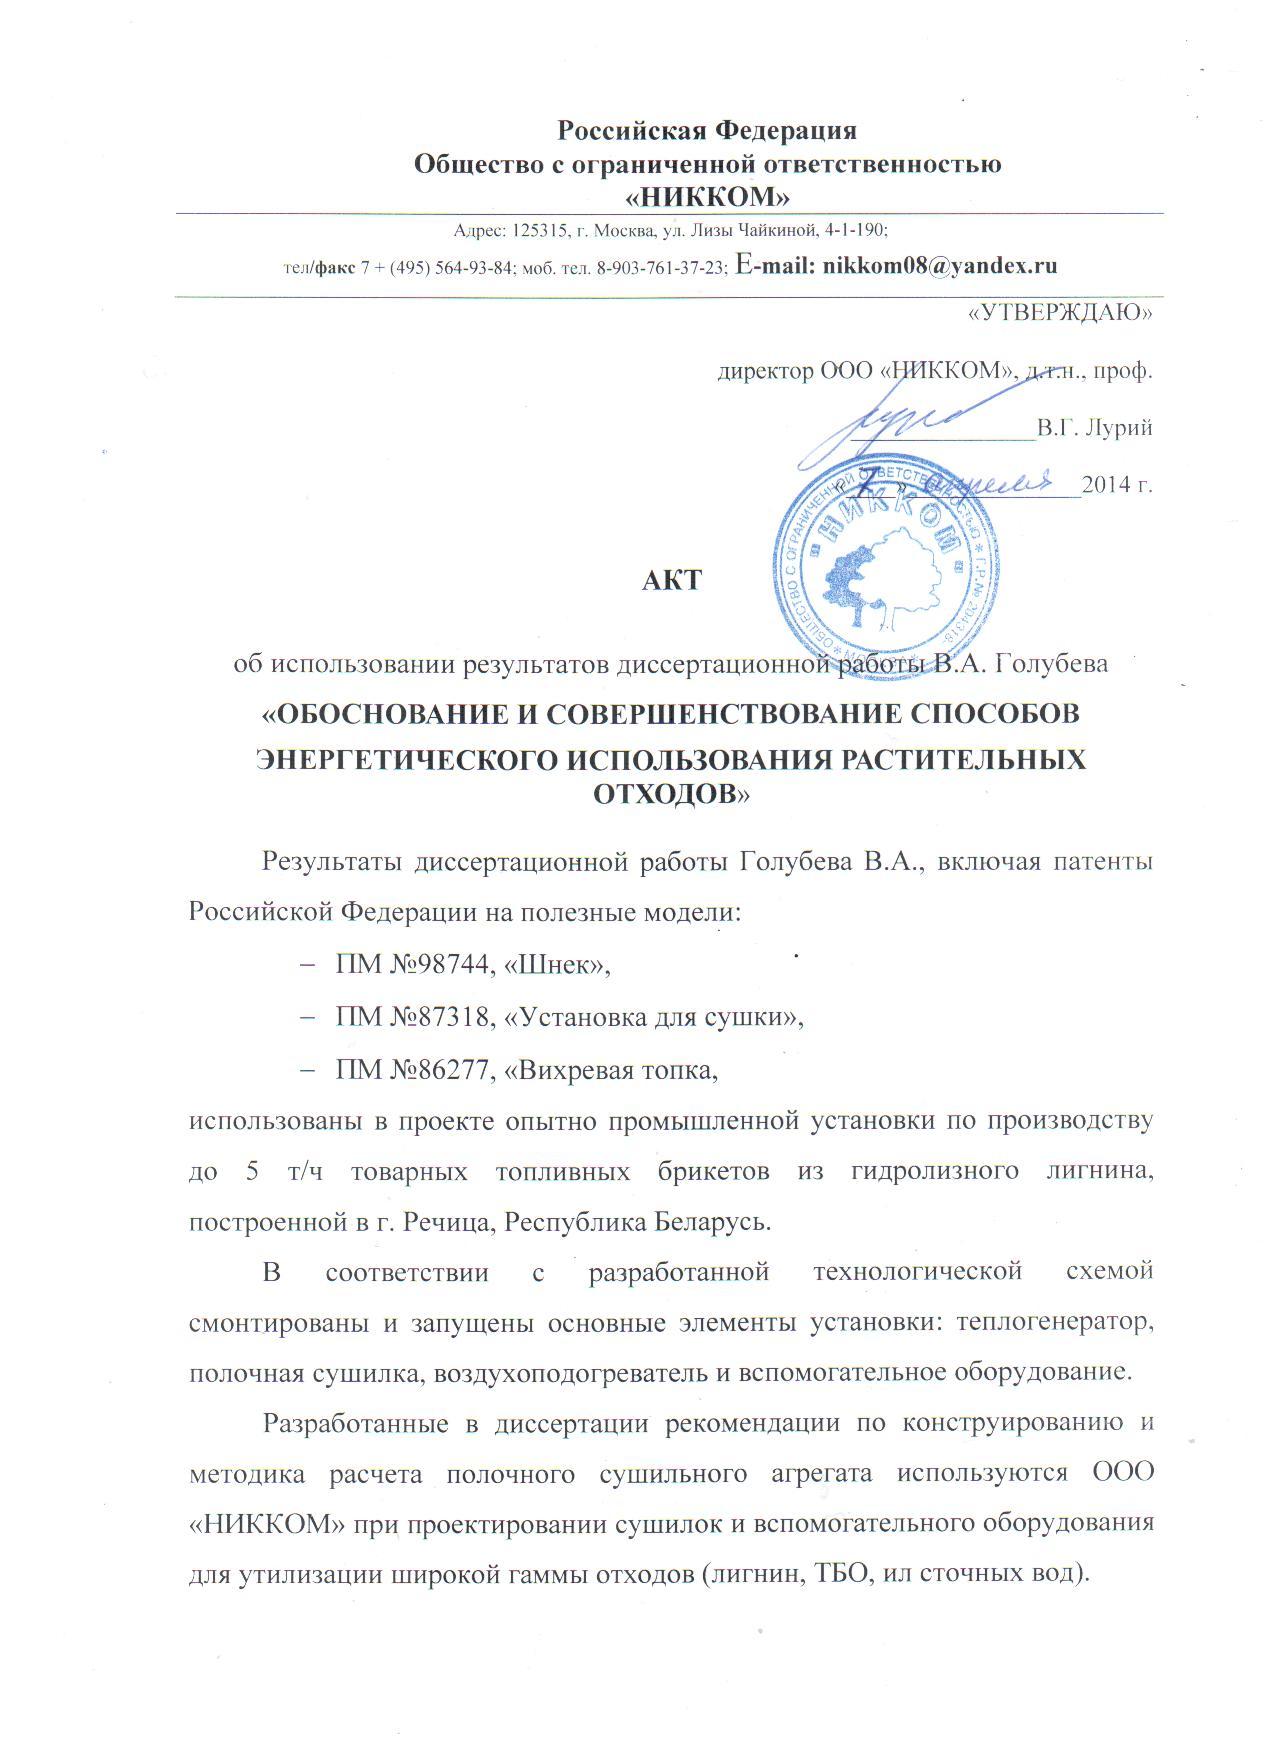 Акт о внедрении результатов кандидатской диссертации 7448